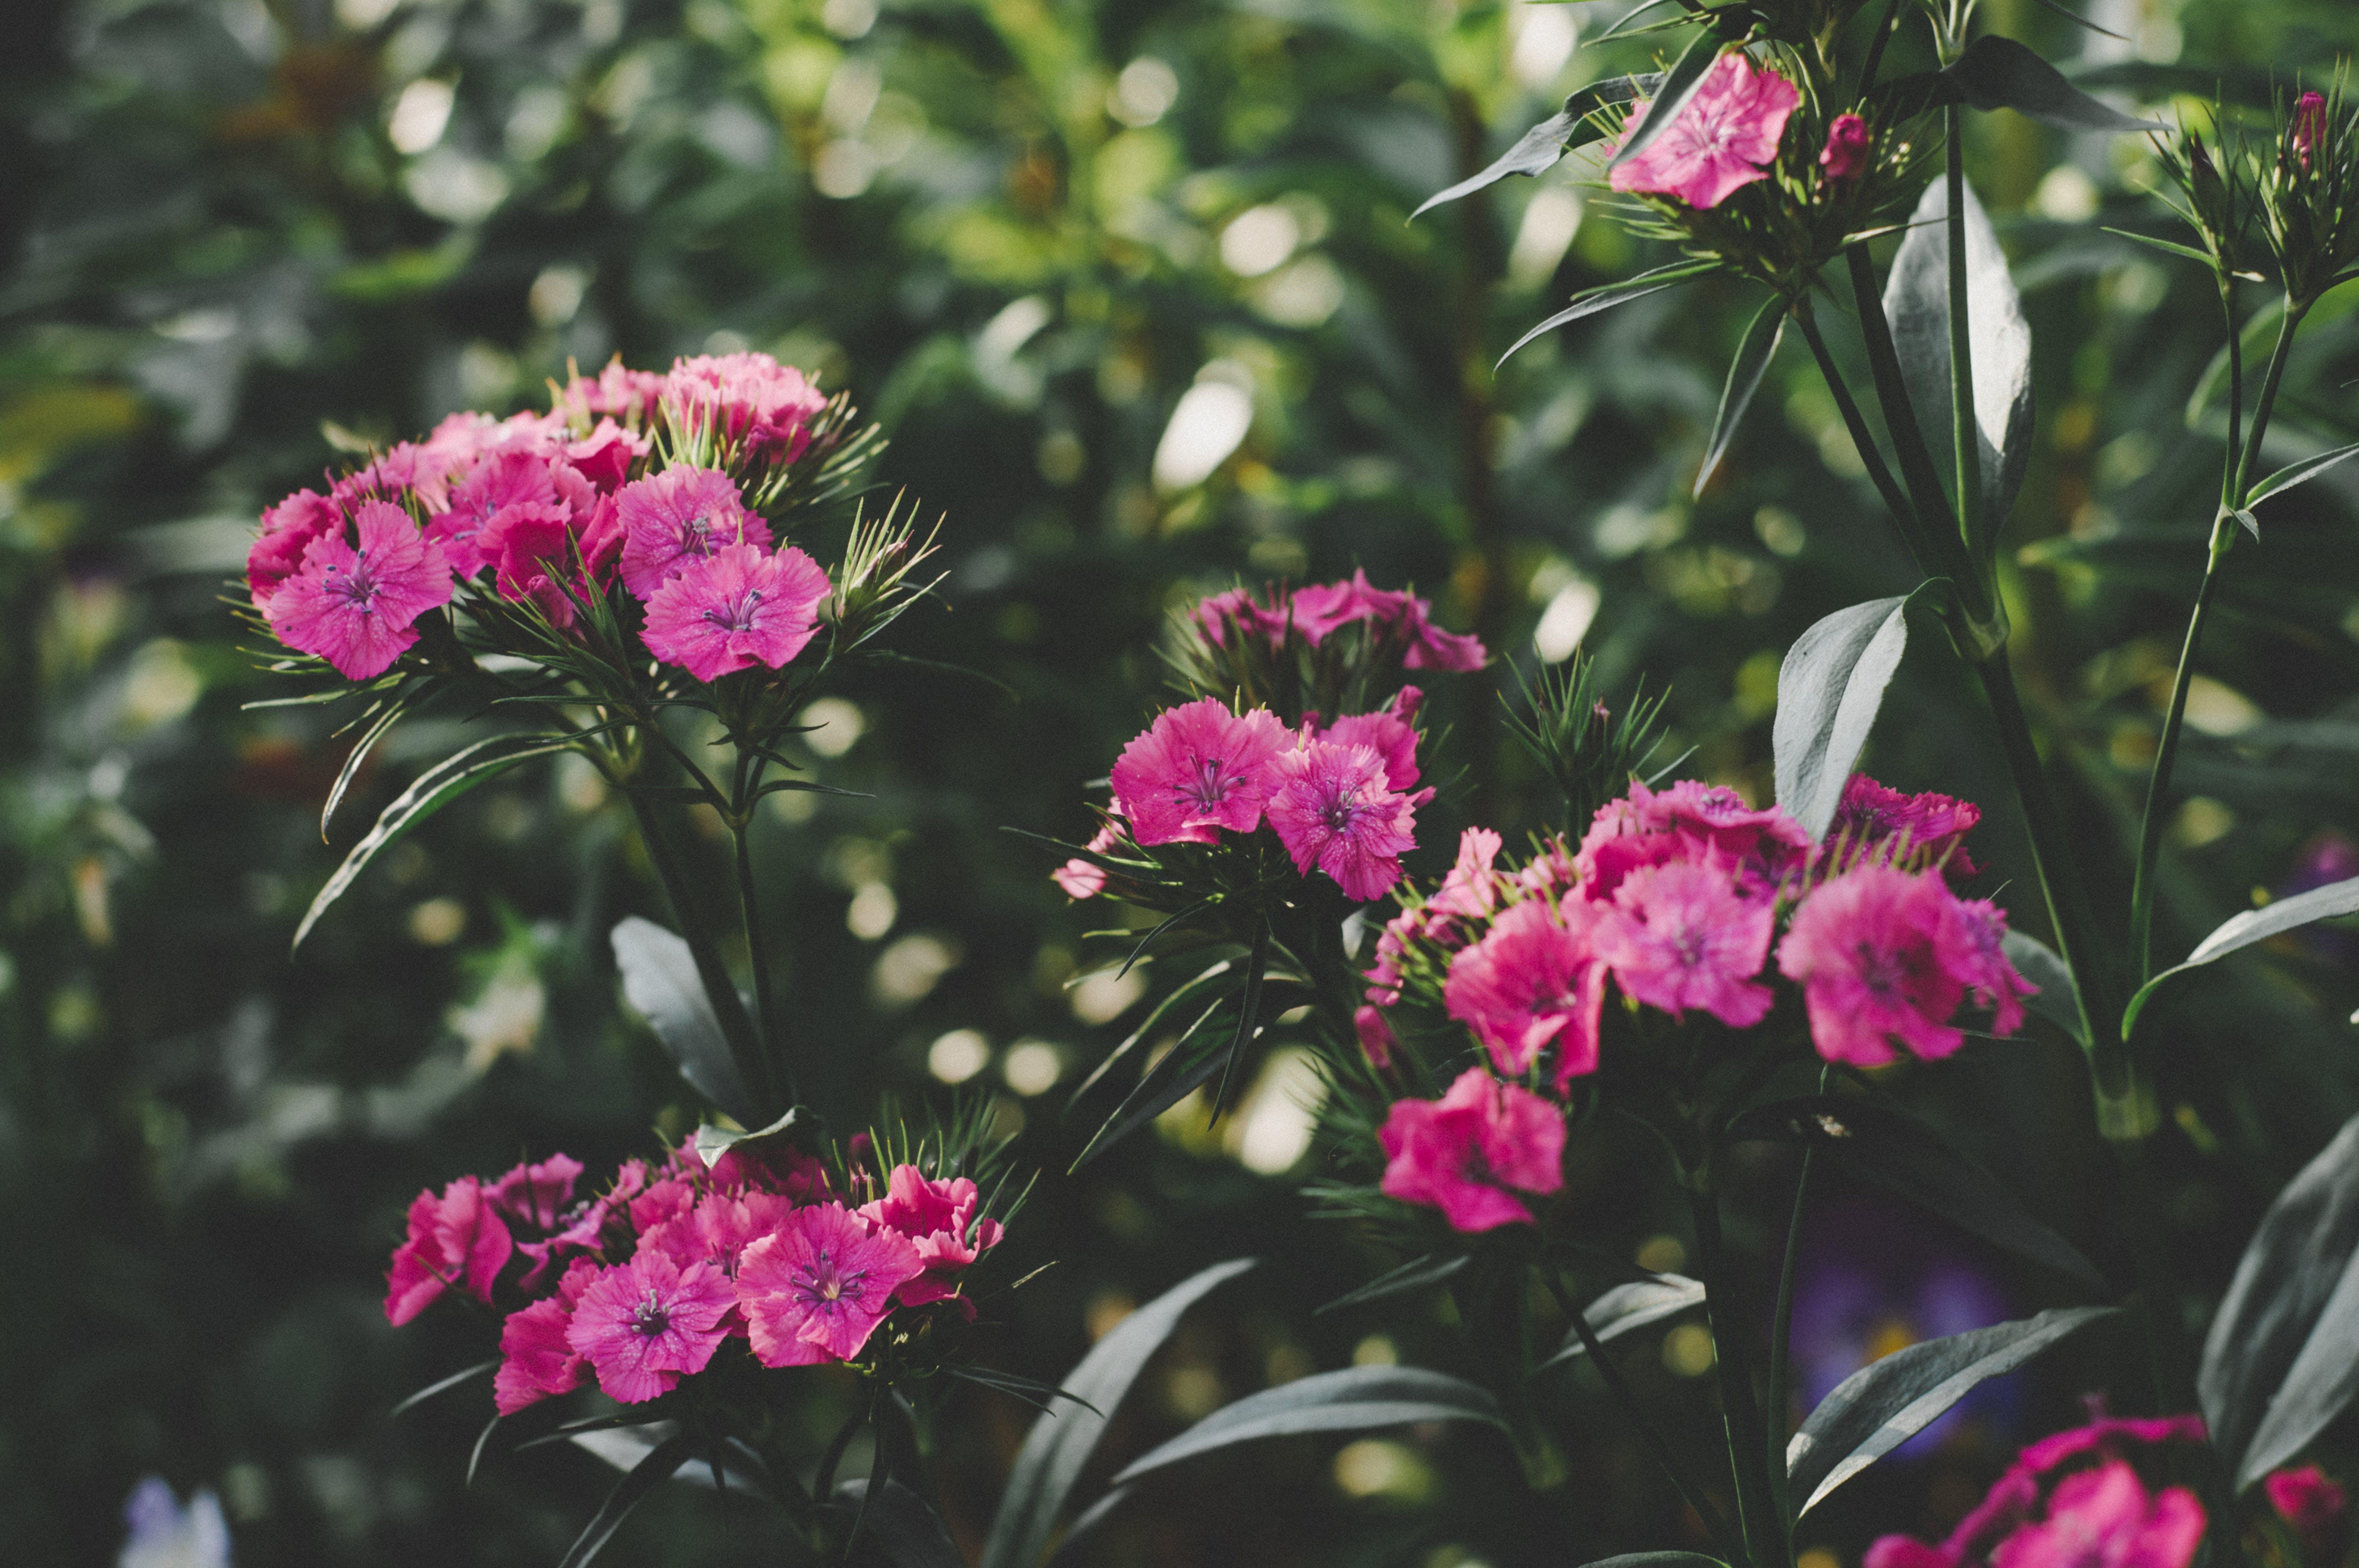 blomma, blommor, blomning